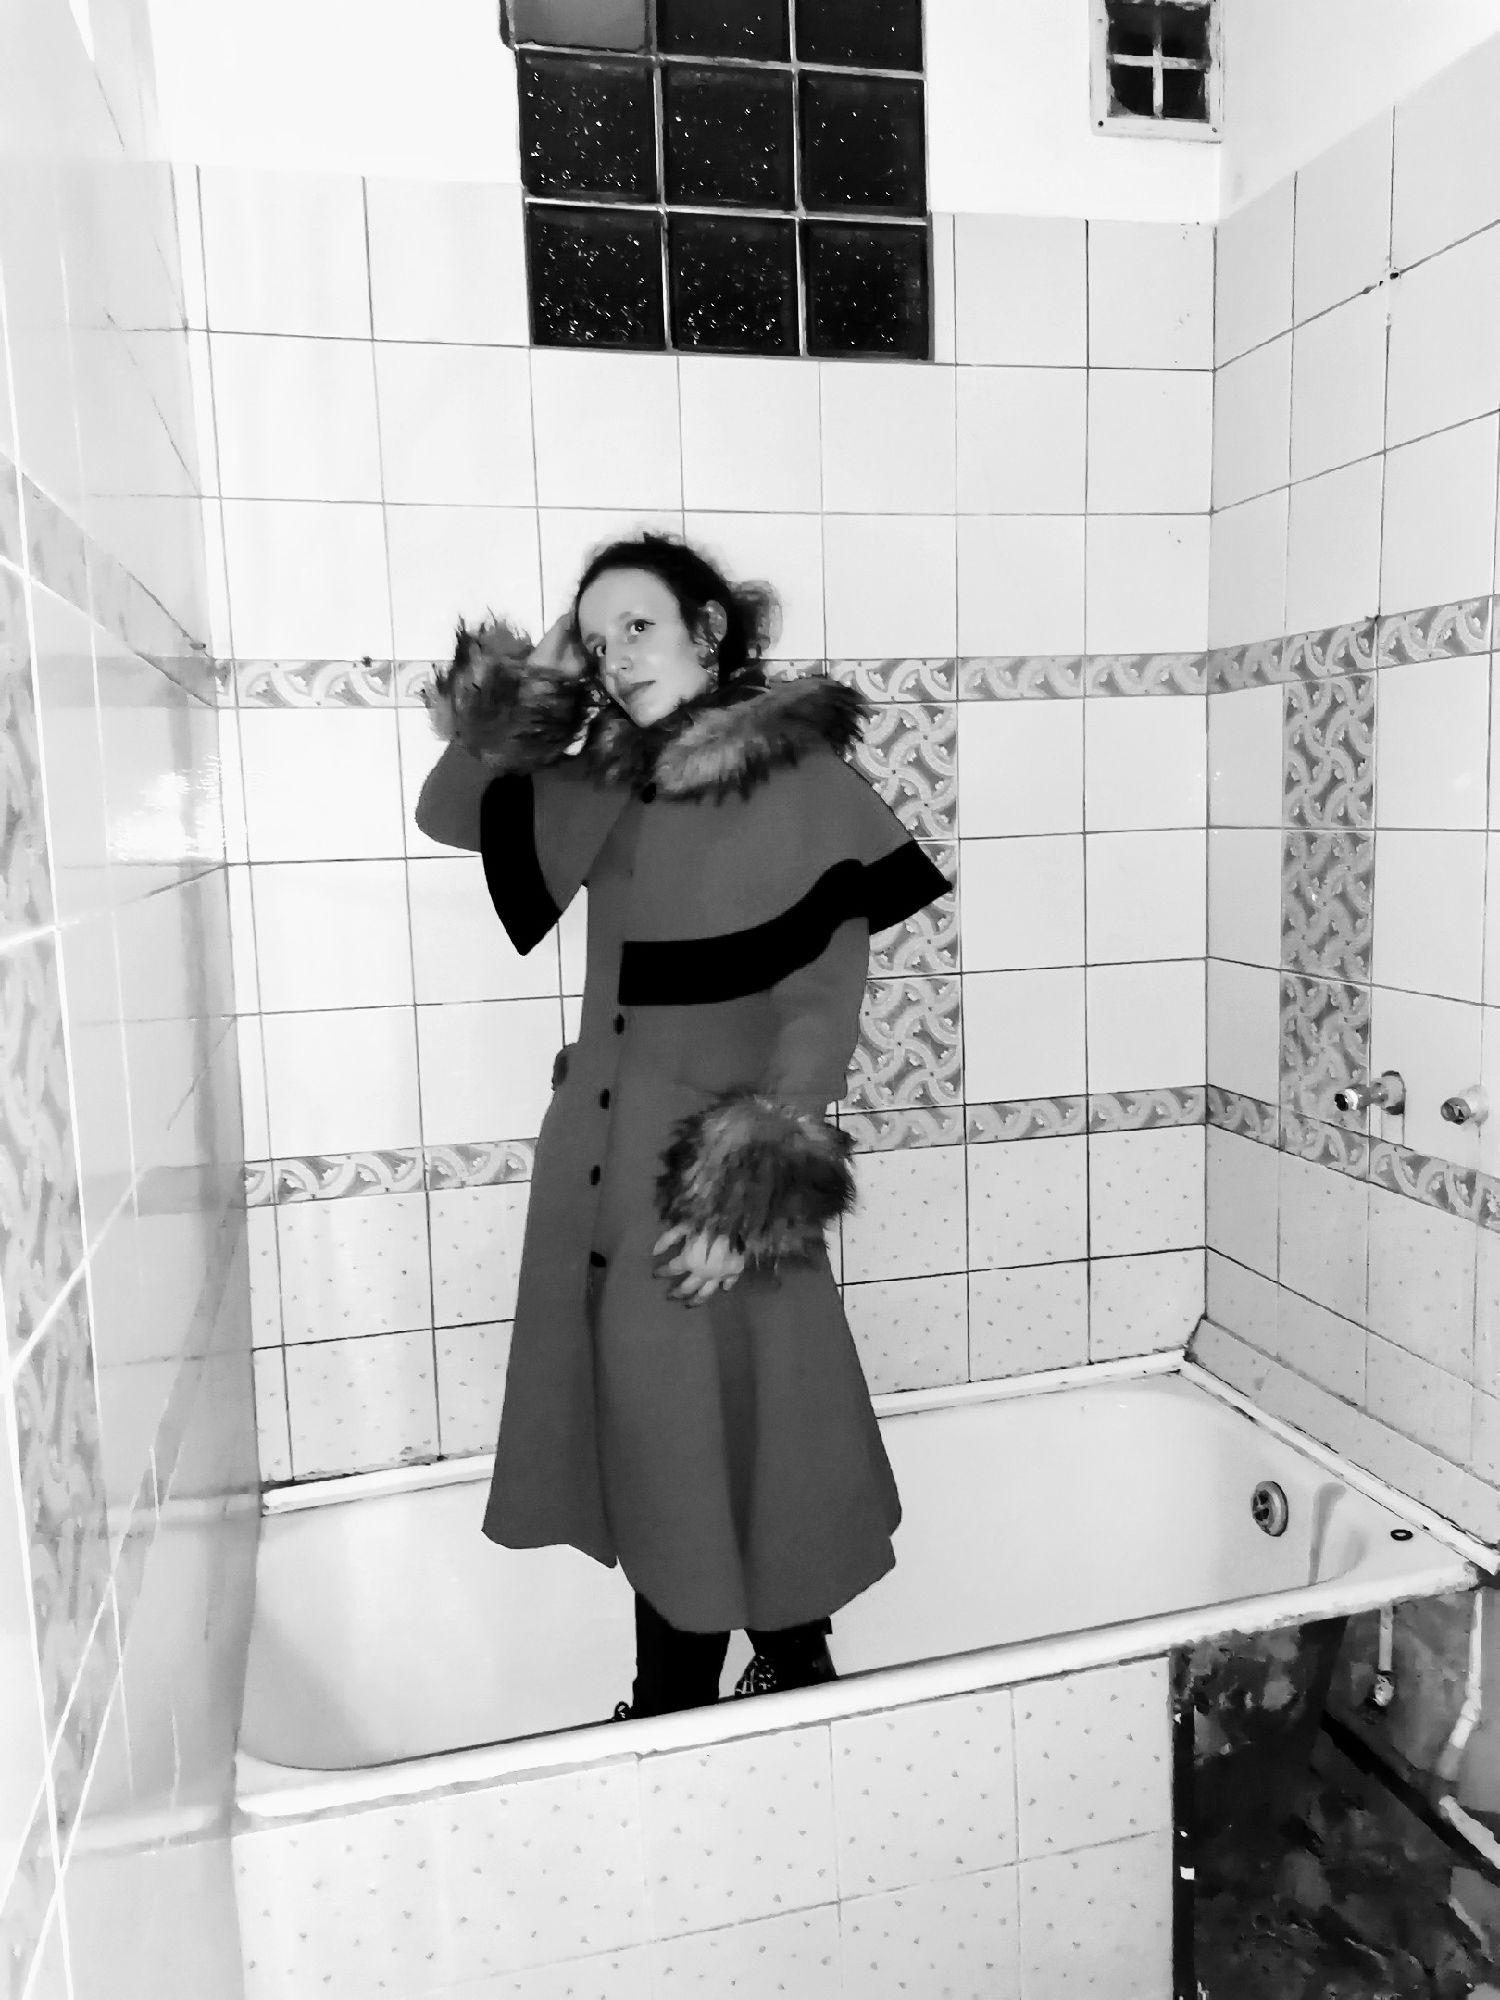 Квартира, выселенная по программе реновации. В ванной. Фото: SkvorVitalya